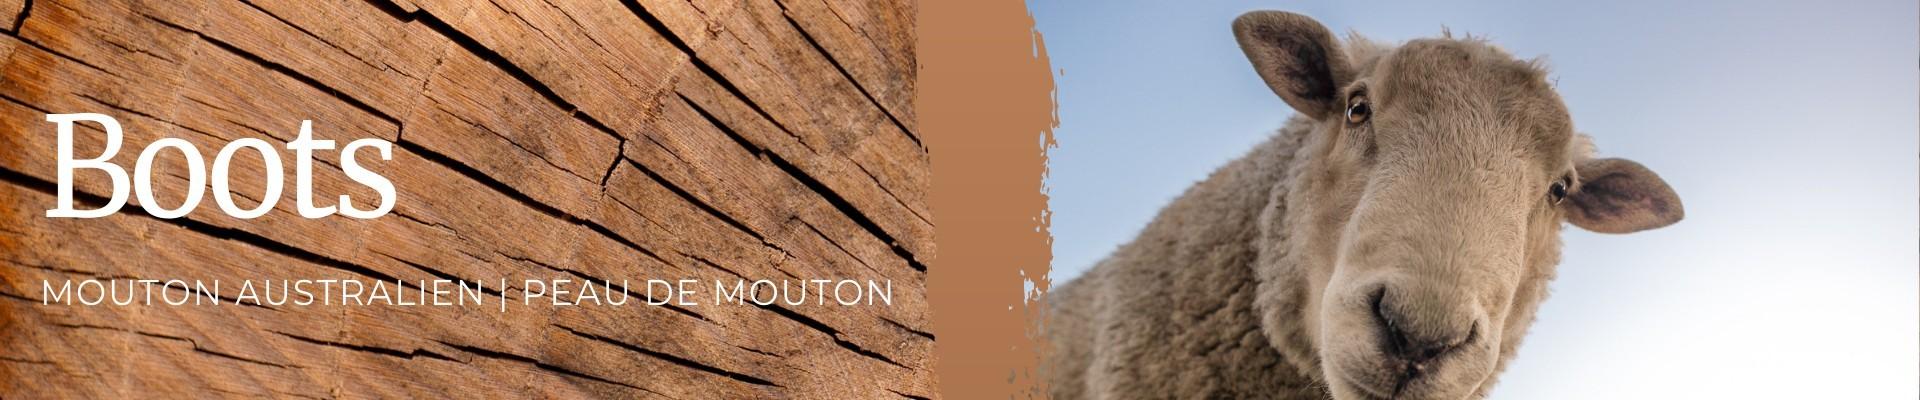 Boots 100% Sheep Skin